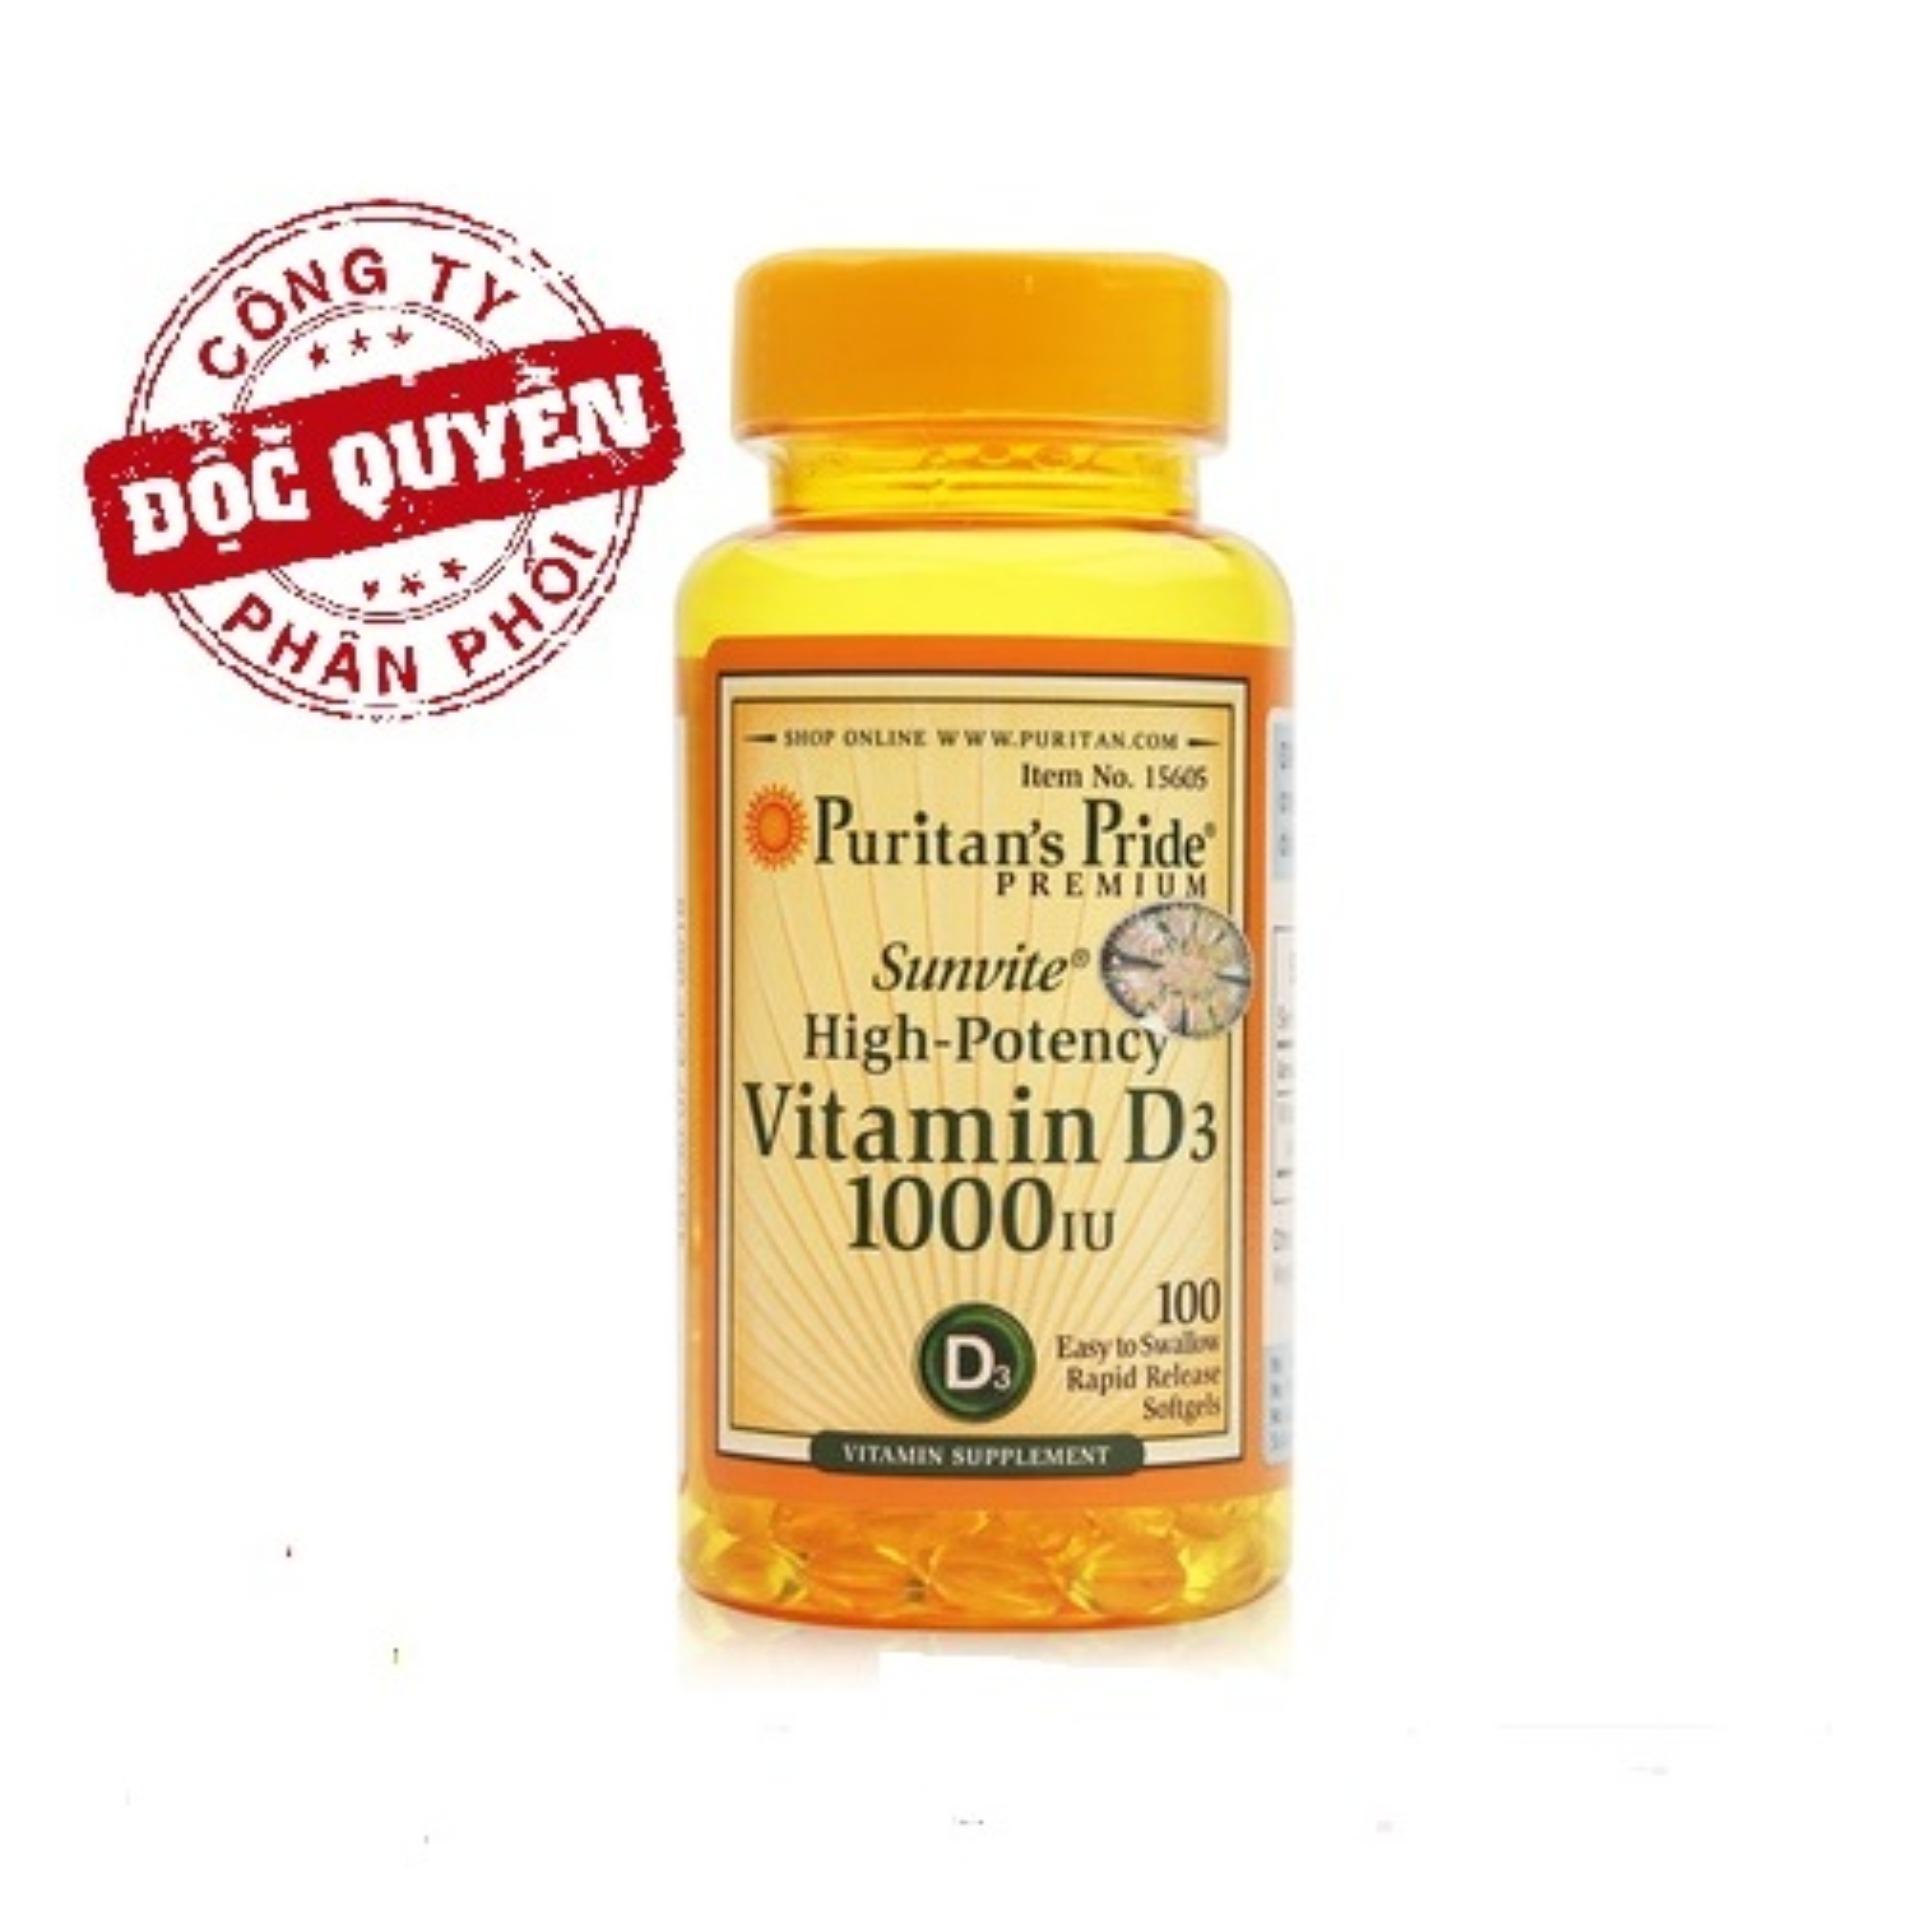 Viên uống bổ sung Vitamin D tăng cường hệ miễn dịch, phòng chống còi xương Puritan's Pride Sunvite High-Potency Vitamin D3 1000IU 100 viên